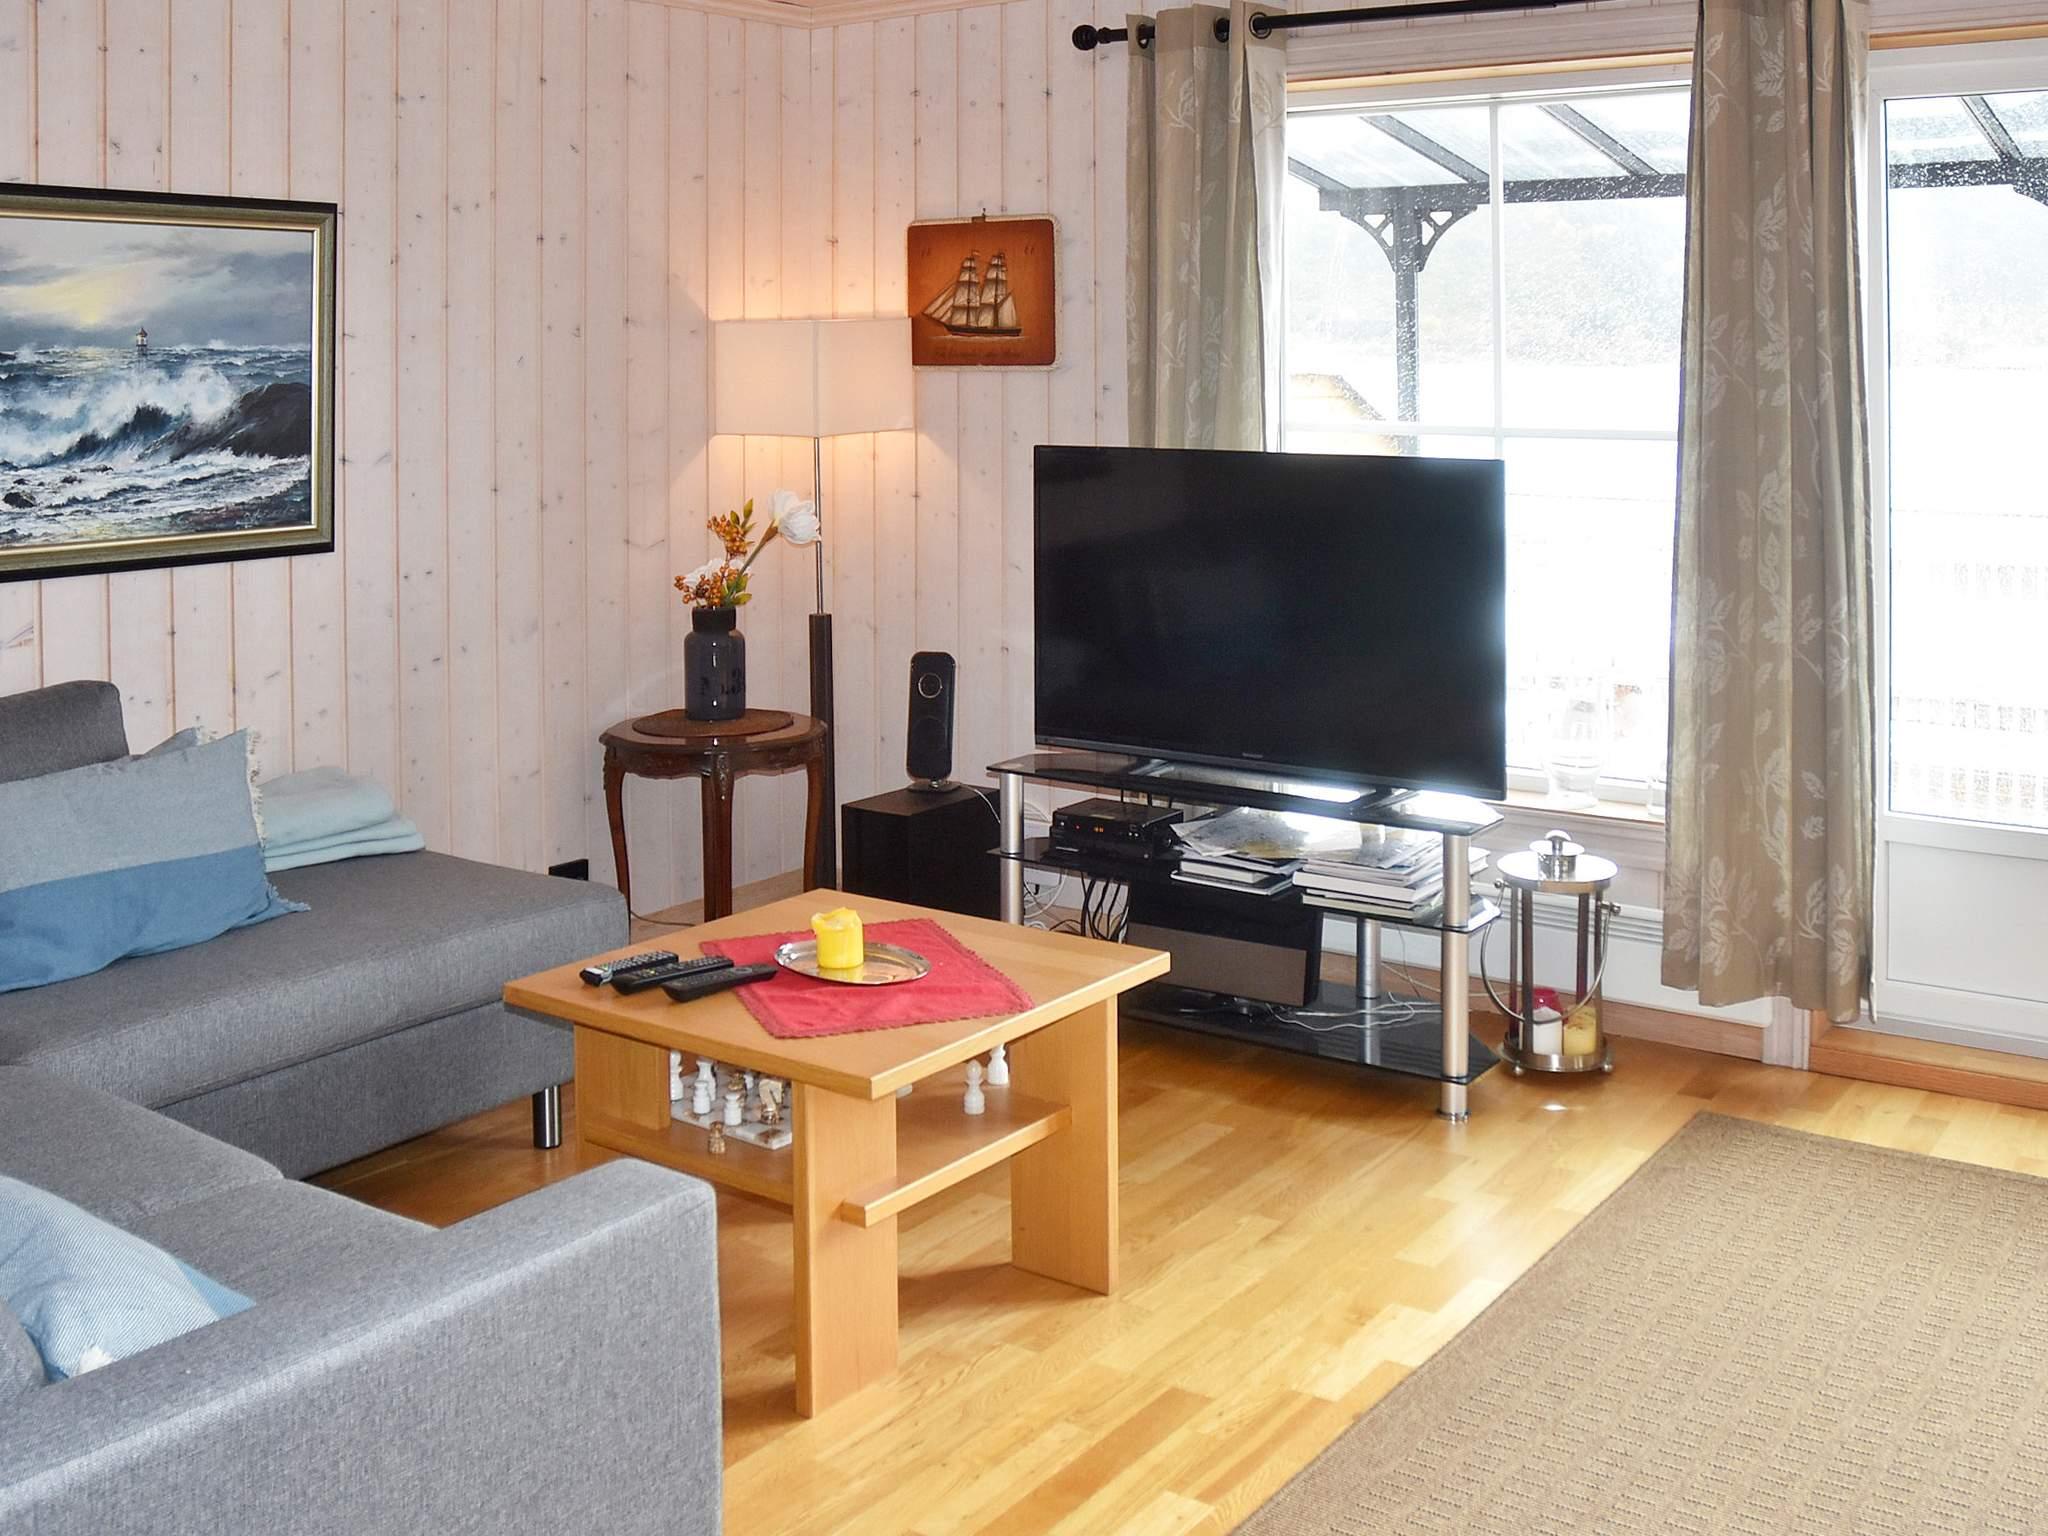 Ferienhaus Haugsbygda (252734), Haugsbygda, More - Romsdal, Westnorwegen, Norwegen, Bild 3